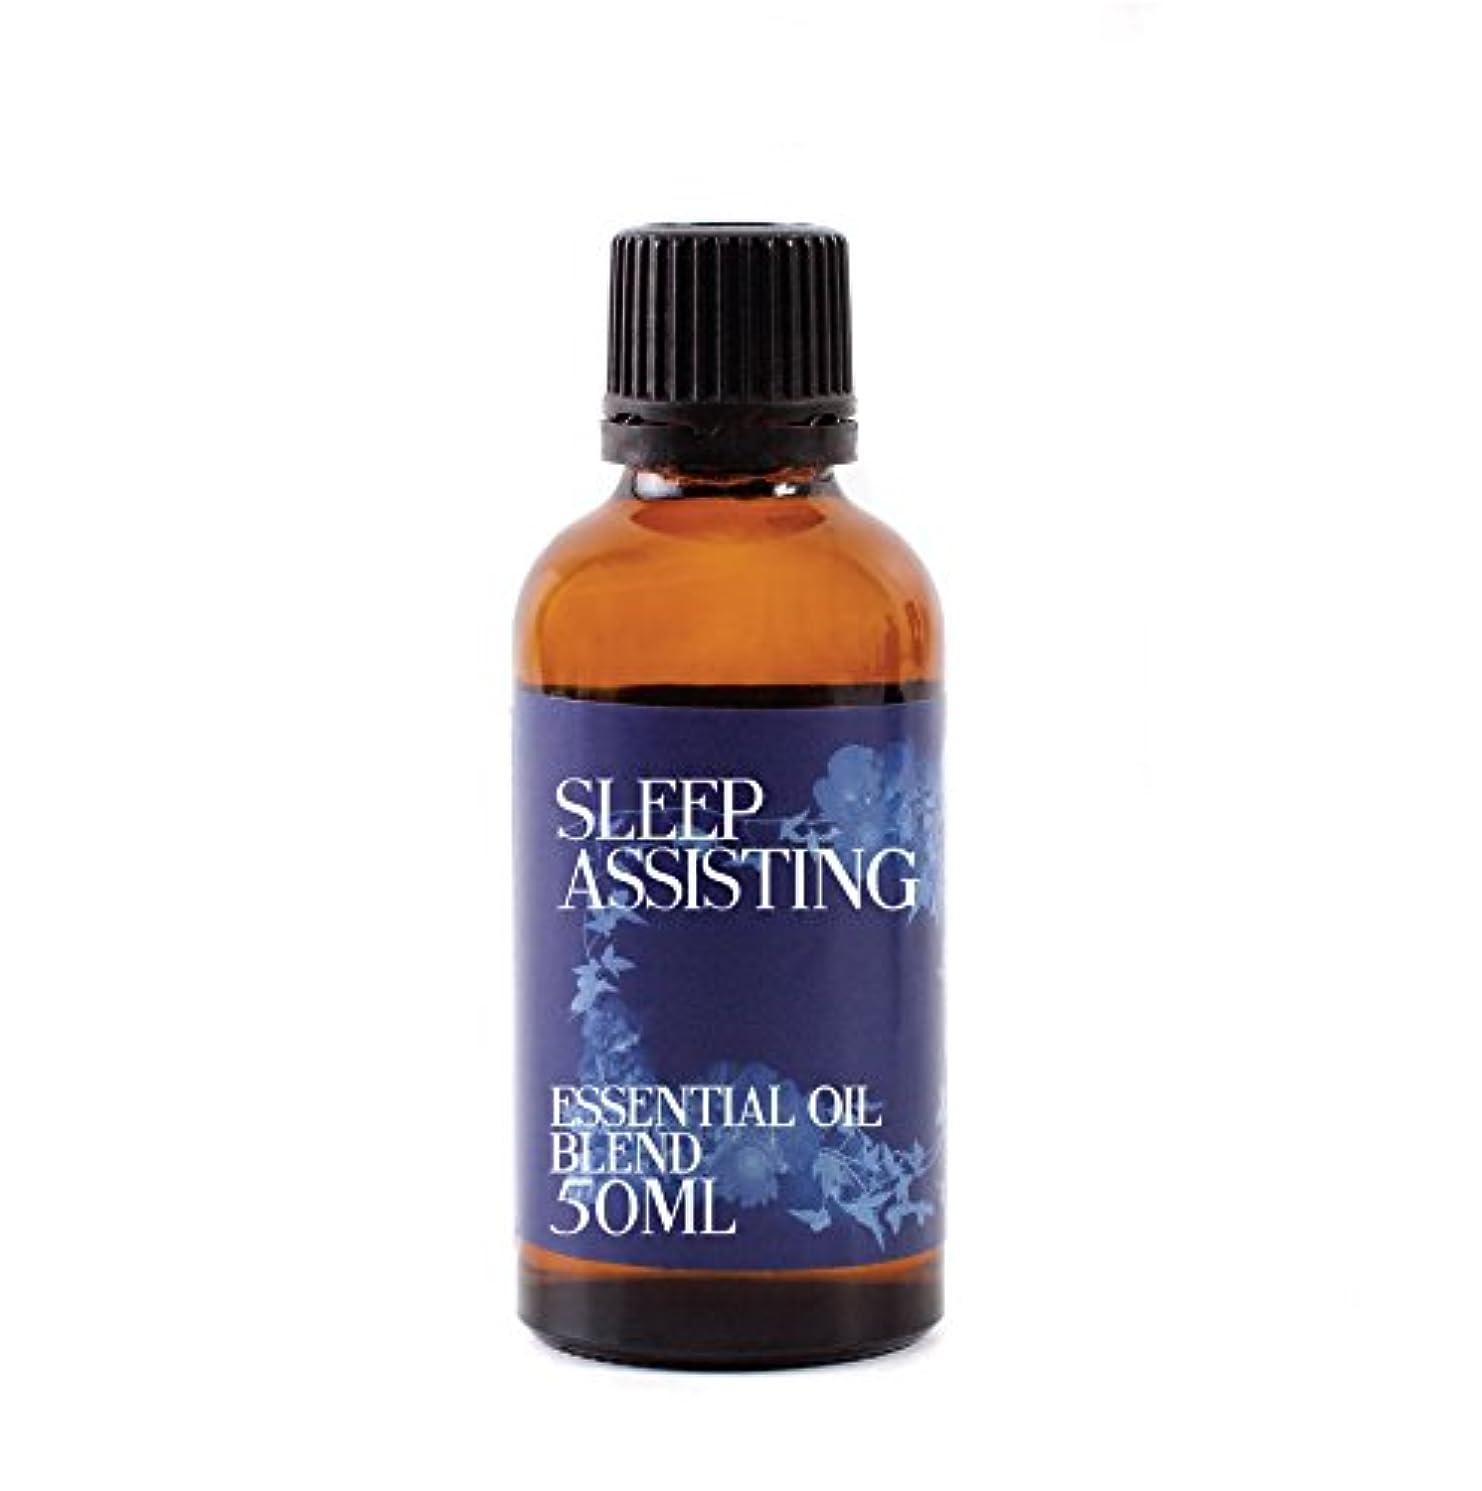 体現する羊の服を着た狼部族Mystix London   Sleep Assisting Essential Oil Blend - 50ml - 100% Pure